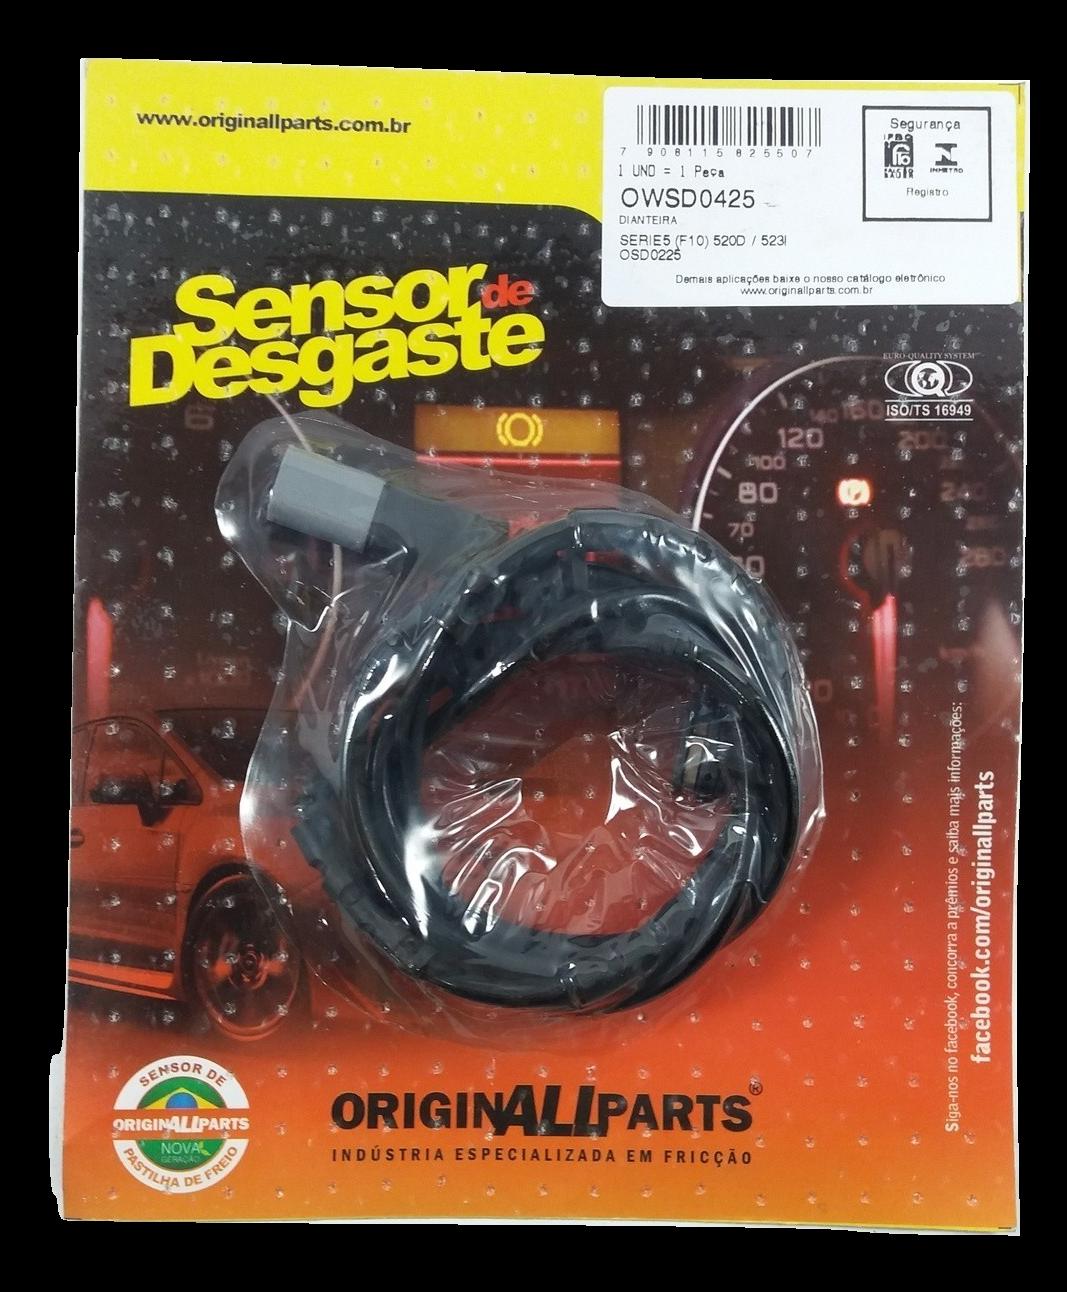 Sensor de Desgaste da Marca originALLparts - BMW Série 5 / Série 6 / Série 7 - Dianteira - OWSD0425